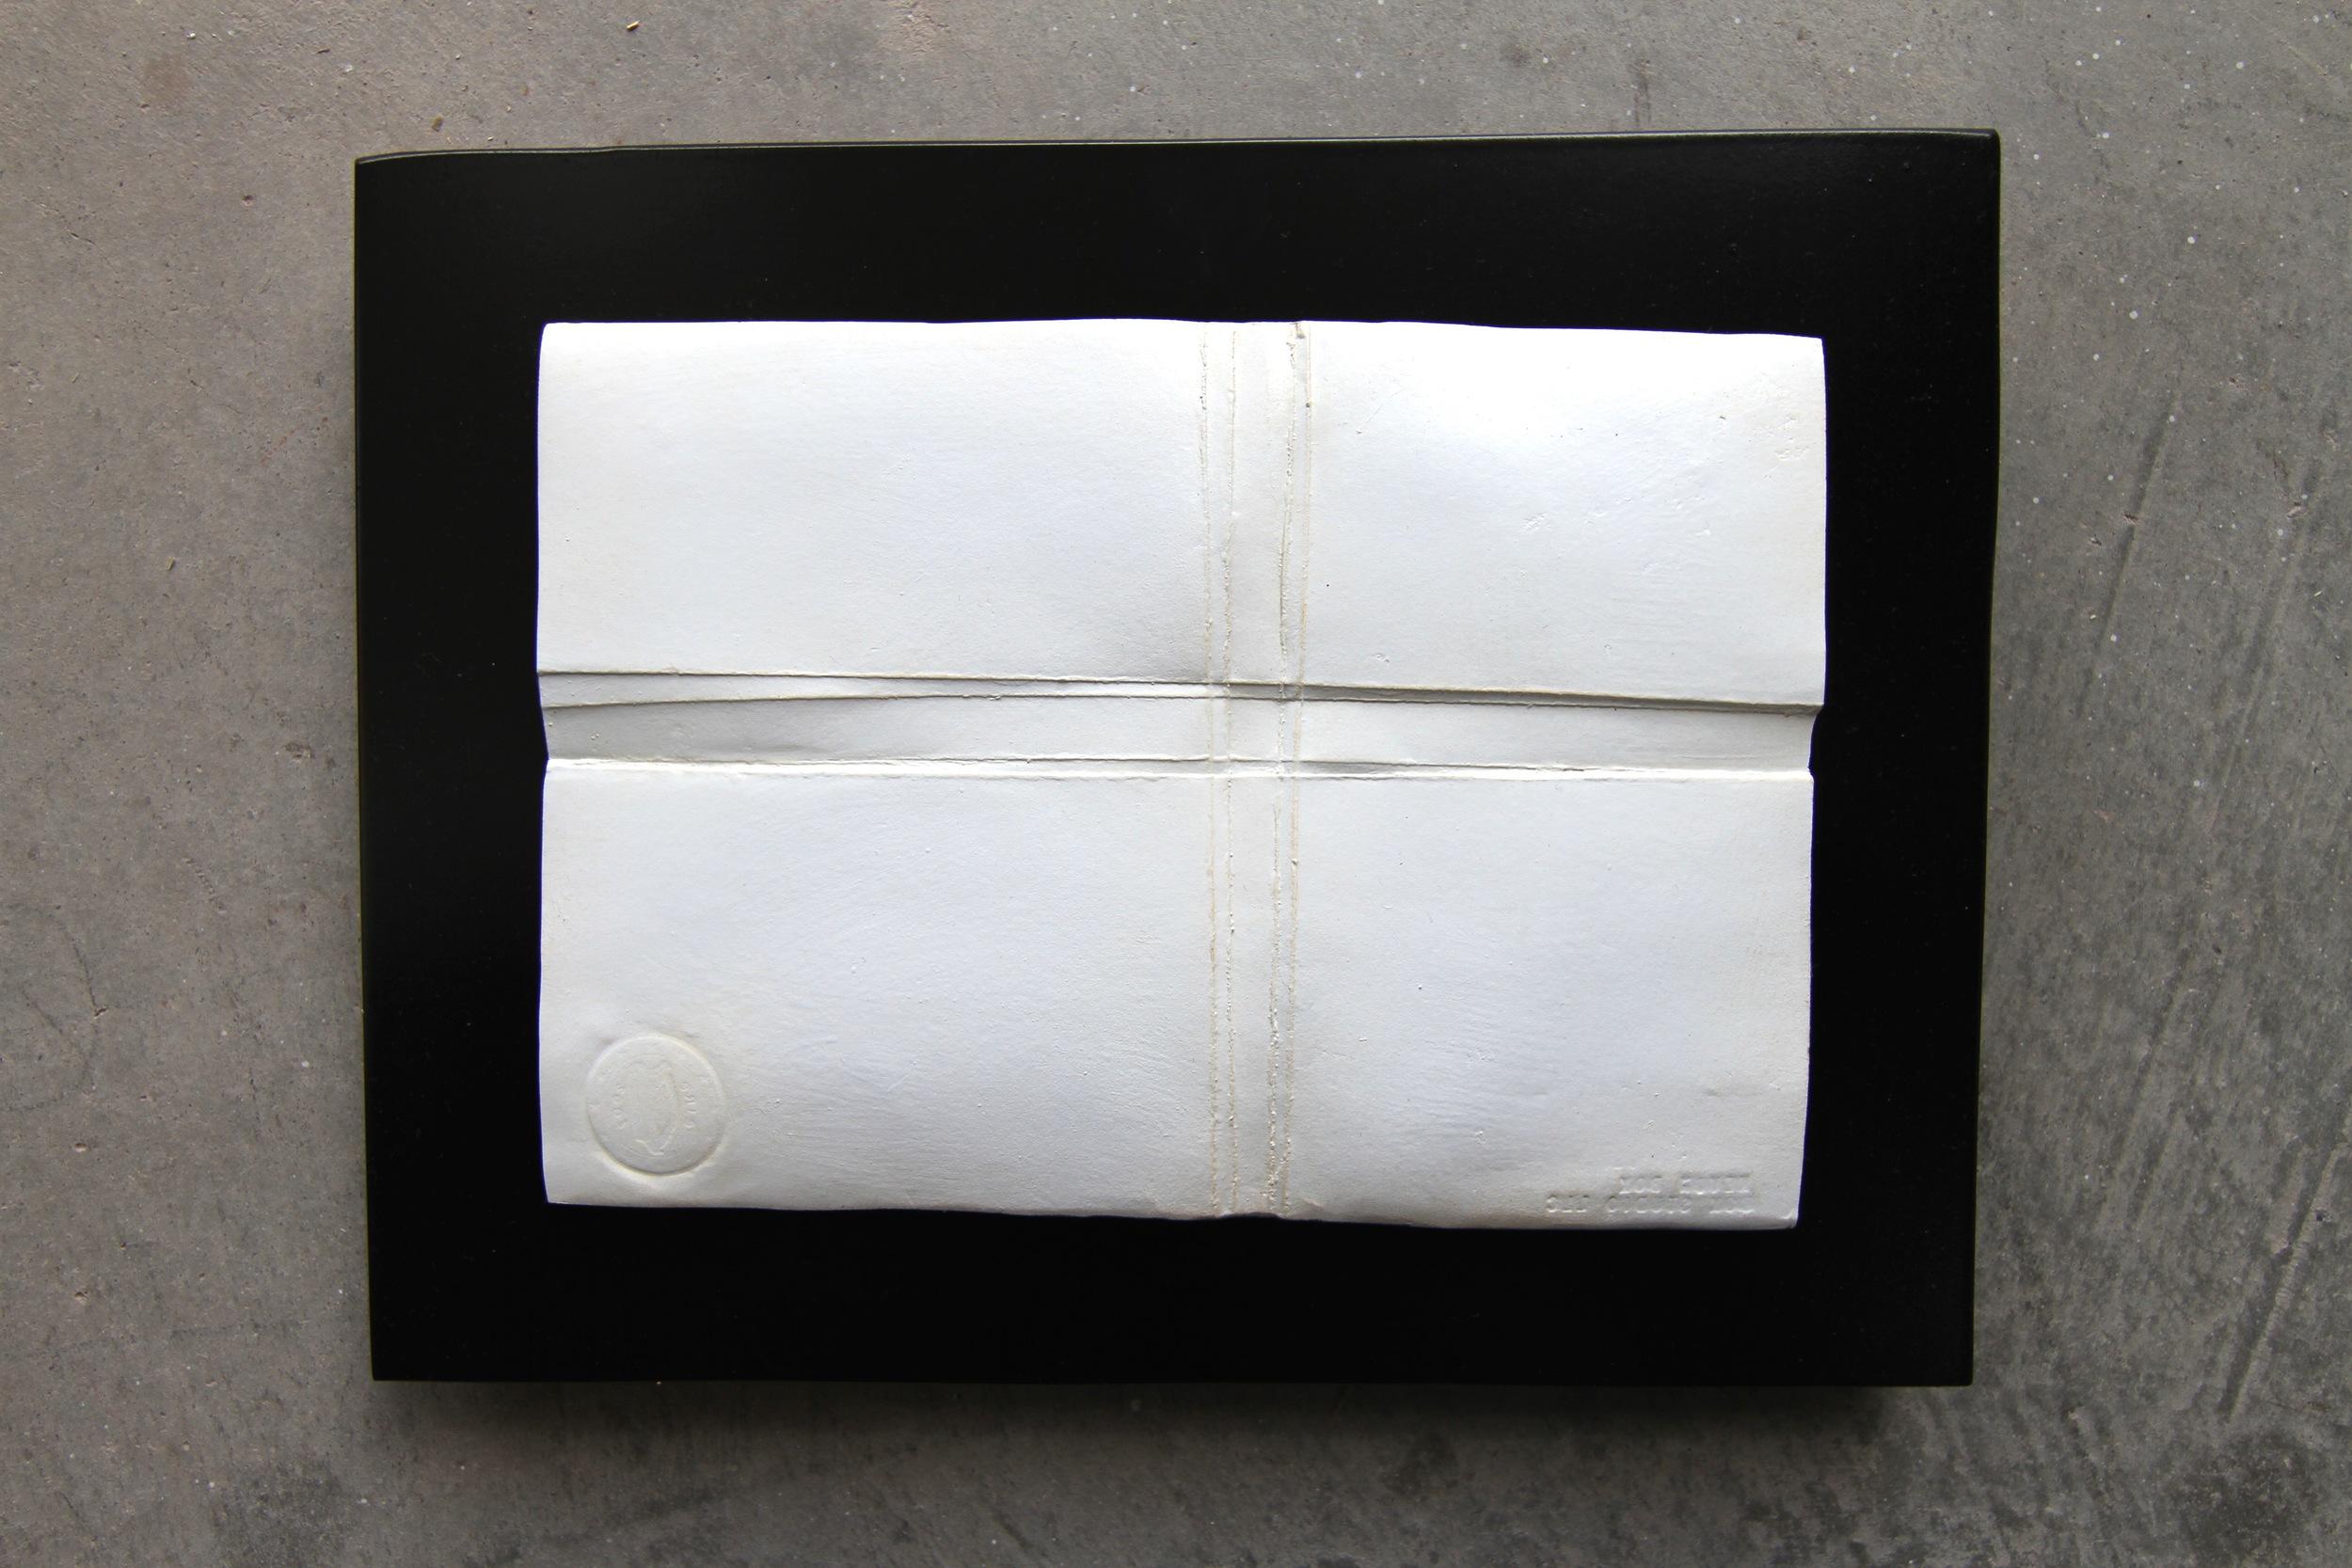 Box-FirstPeace2015Ed8-8.5x11.jpg